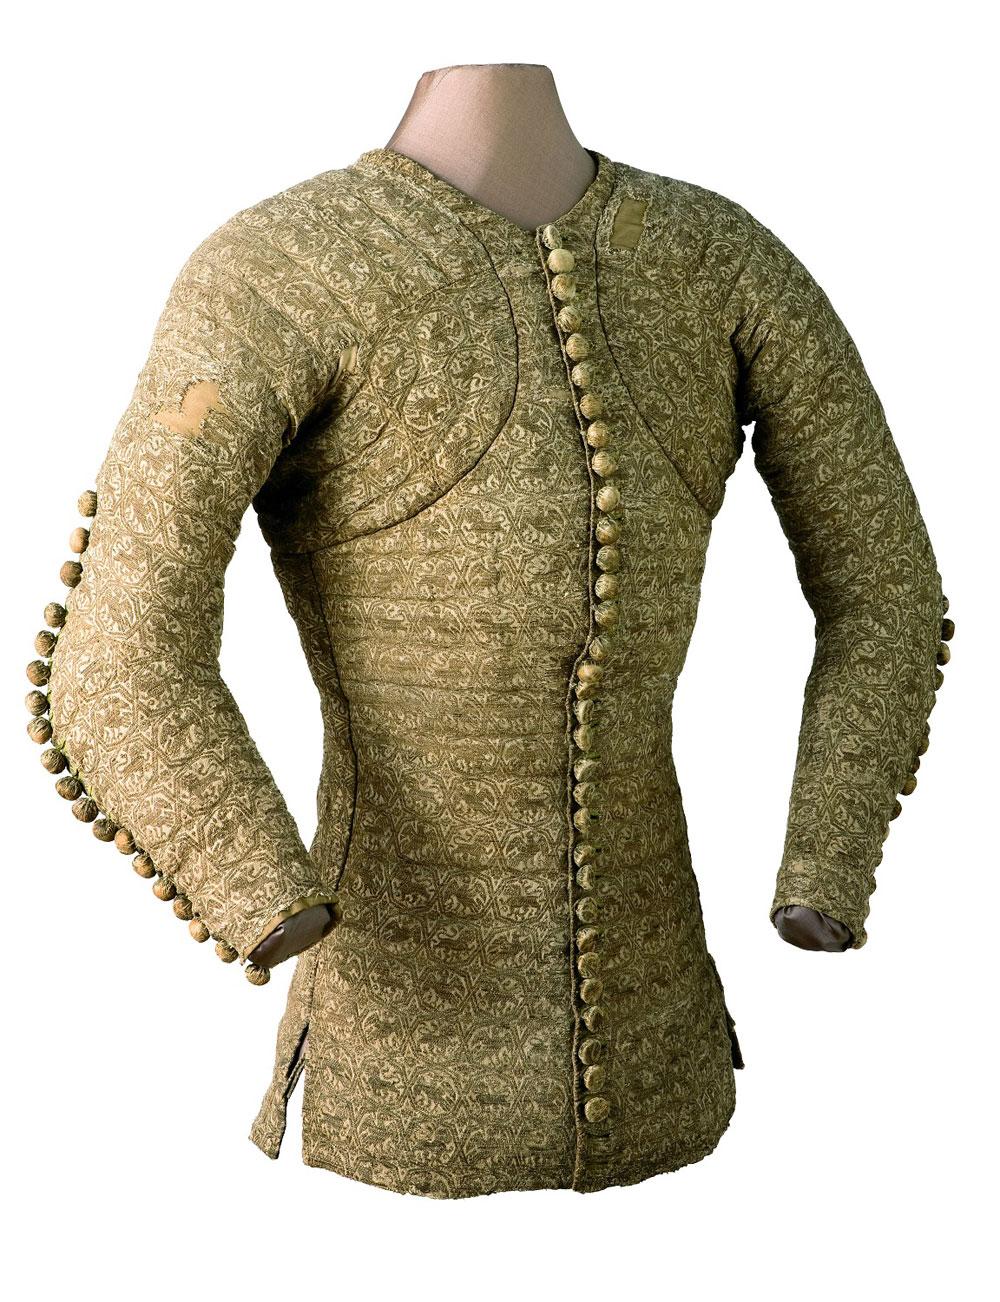 Tessuto e ricchezza a Firenze nel Trecento: mostra alla Galleria dell'Accademia di Firenze